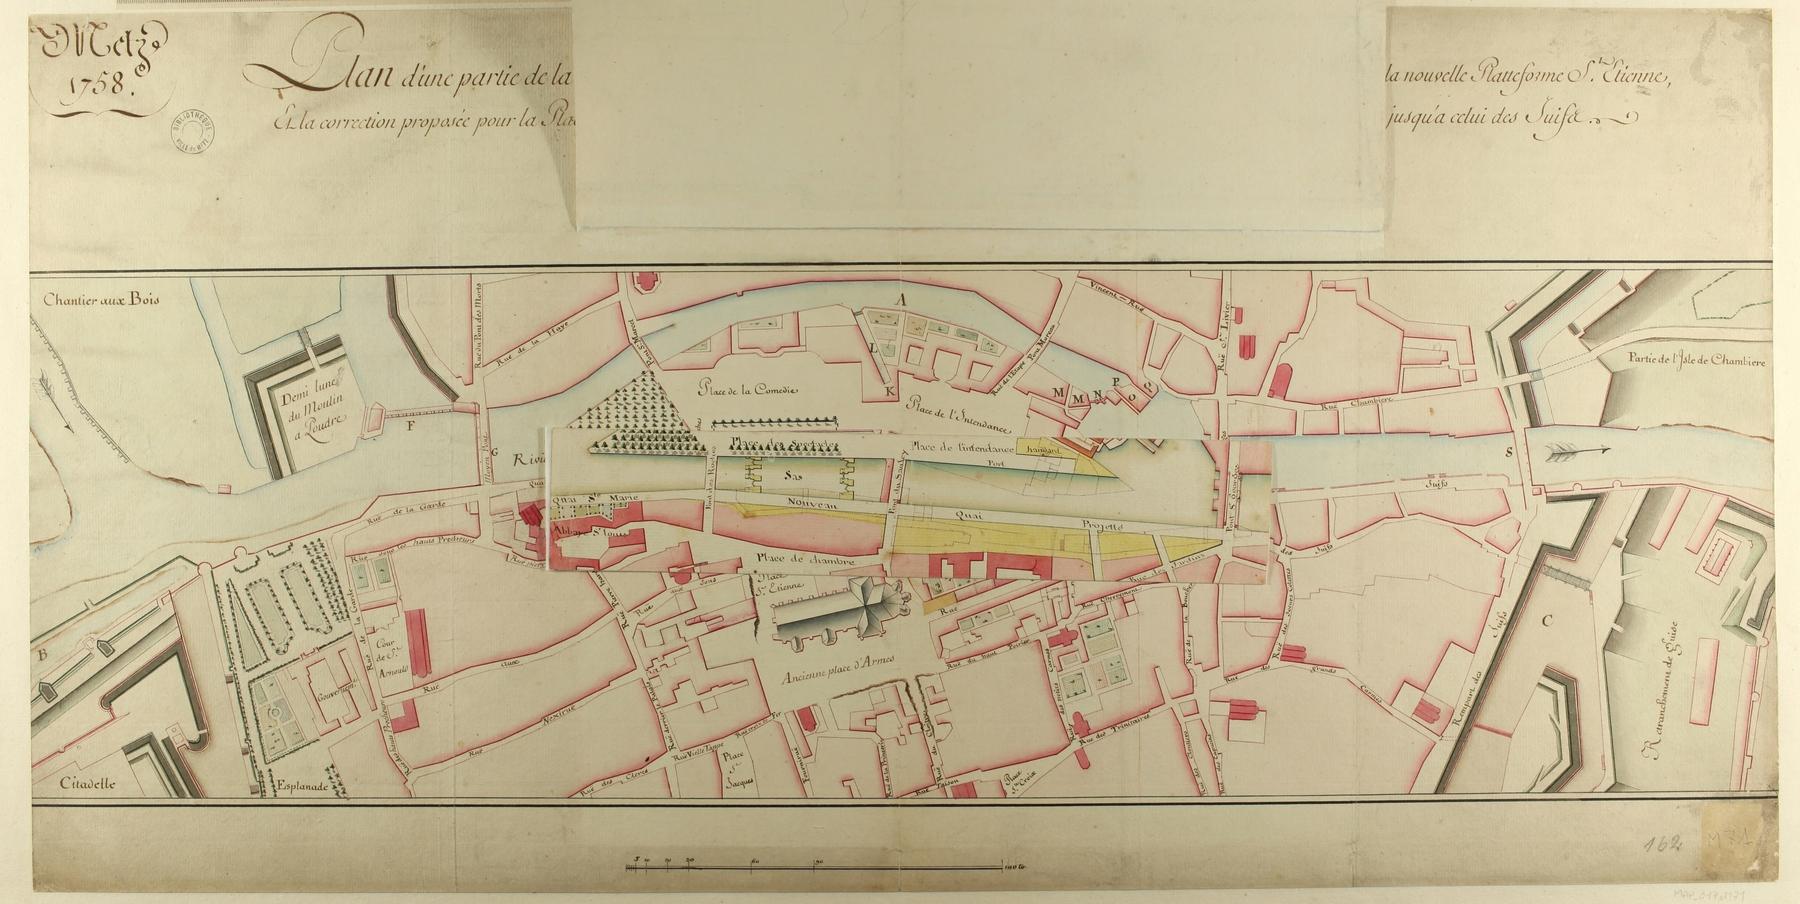 Contenu du Plan d'une partie de la Ville de Metz, pour servir à se faire connaître les projets de la nouvelle place de la cathédrale…